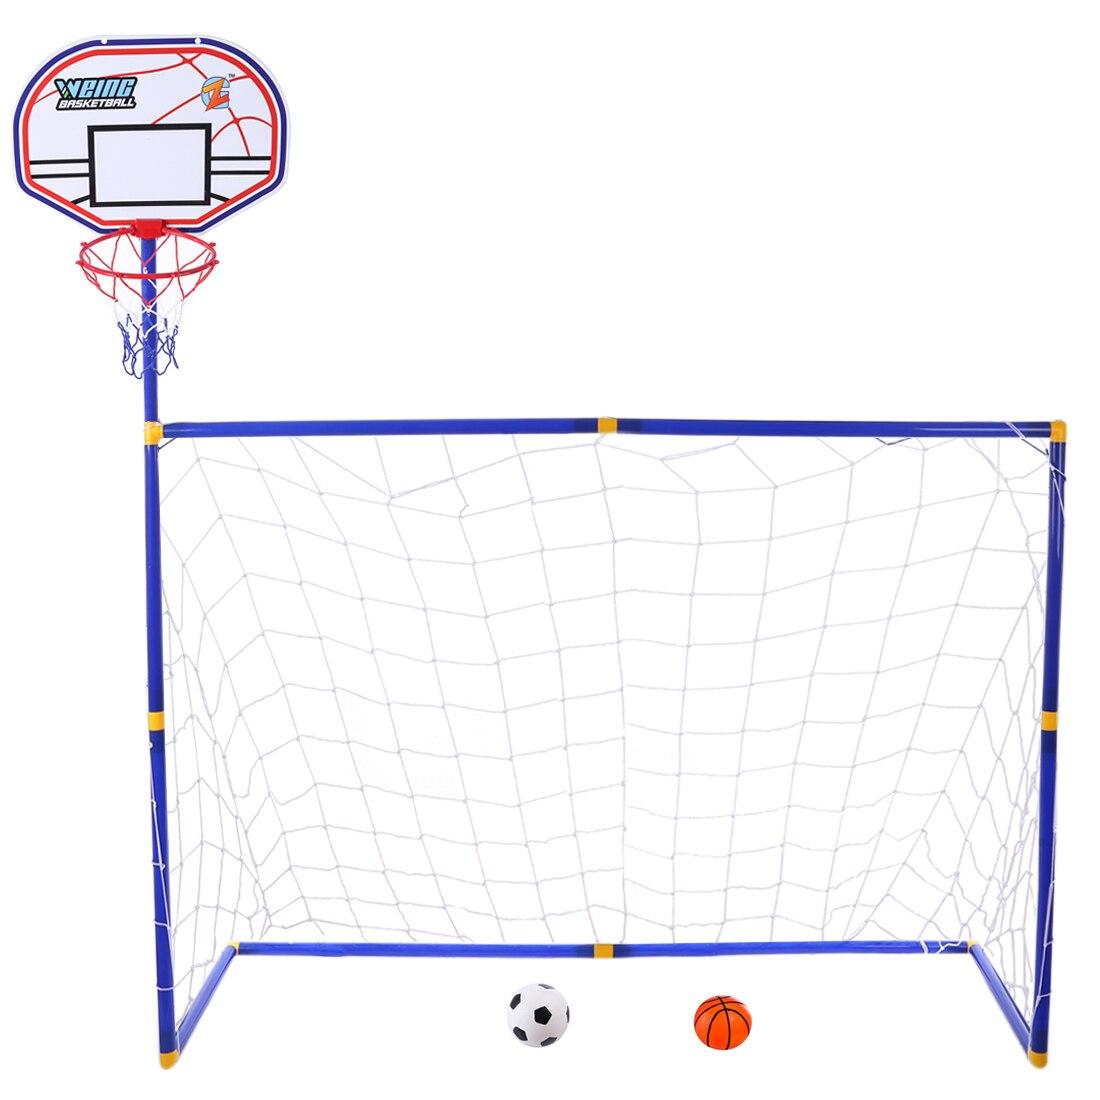 Surwish 2 in 1 Per Bambini Attrezzature Sportive di Calcio di Pallacanestro di Espositori e Alzate per I Bambini All'aperto Giocattolo-ZG270-11